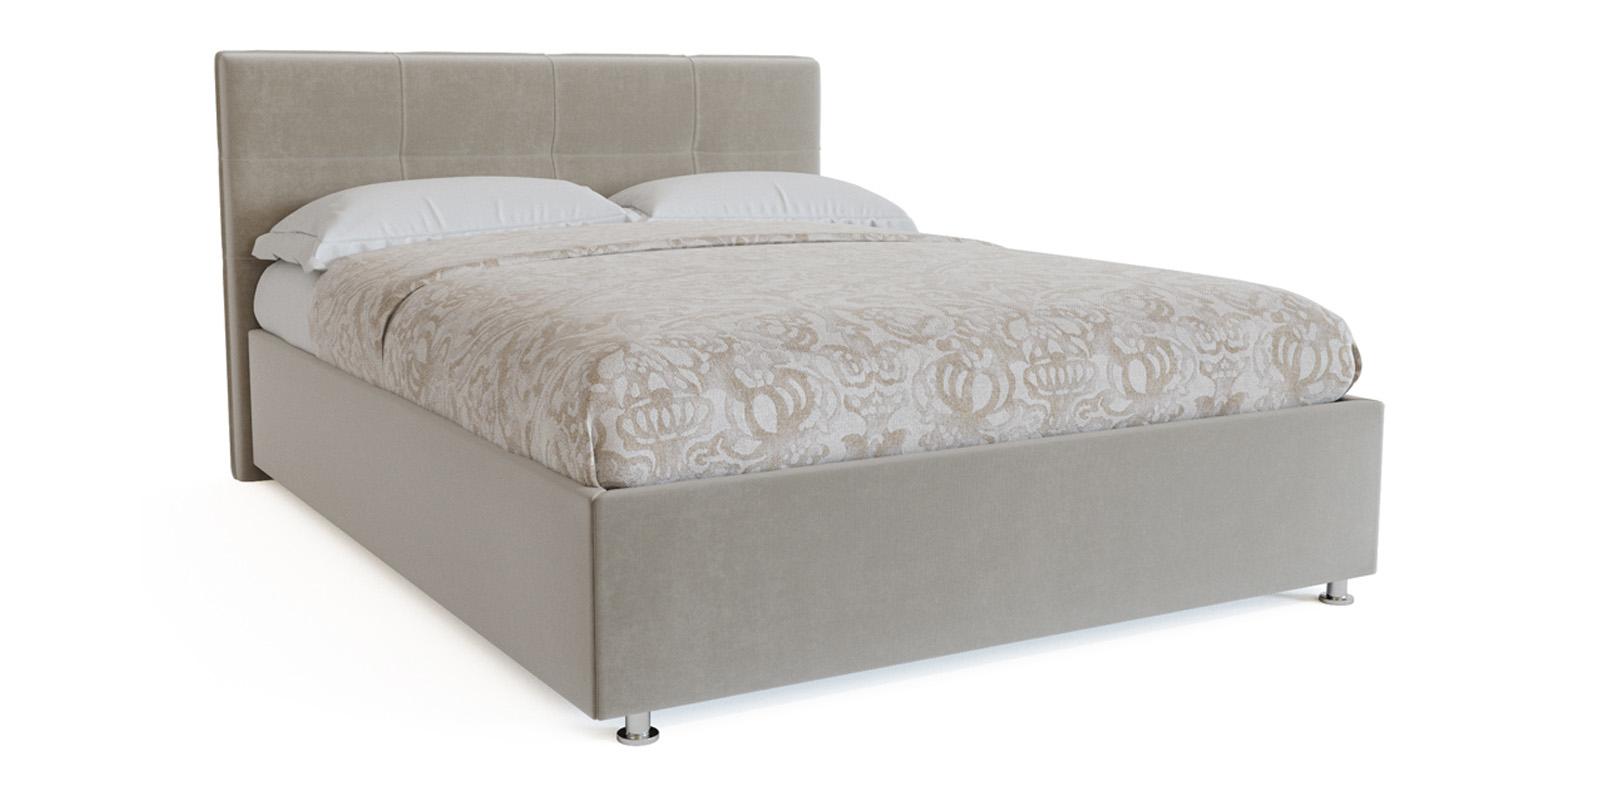 Мягкая кровать 200х120 Неаполь с подъемным механизмом (Светло-серый)